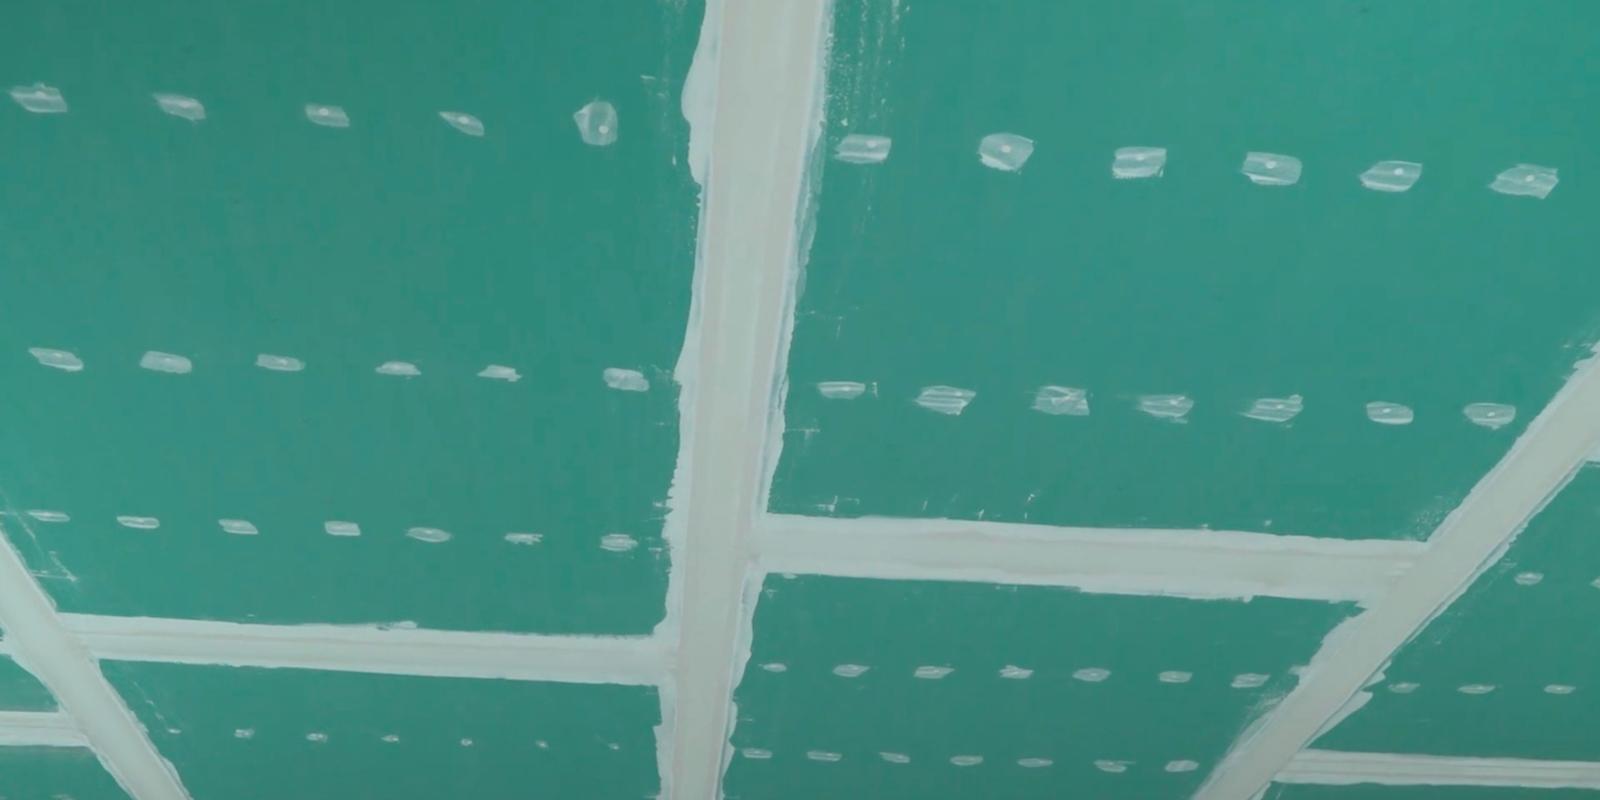 После заделки швов облицованная поверхность готова для любого вида финишной отделки